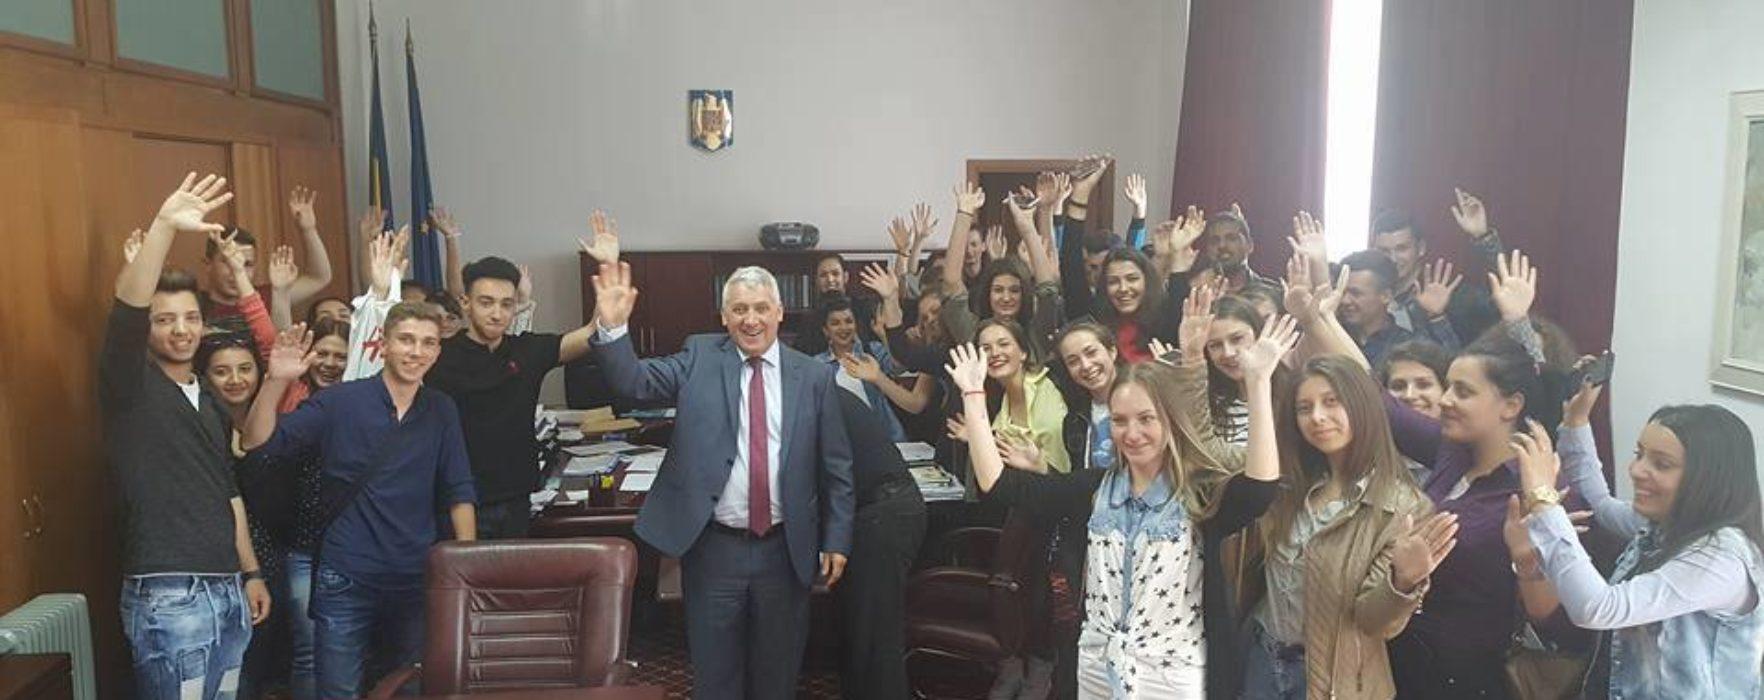 Adrian Ţuţuianu (PSD): O să încerc să aduc cât mai mulţi tineri în vizită la Parlament